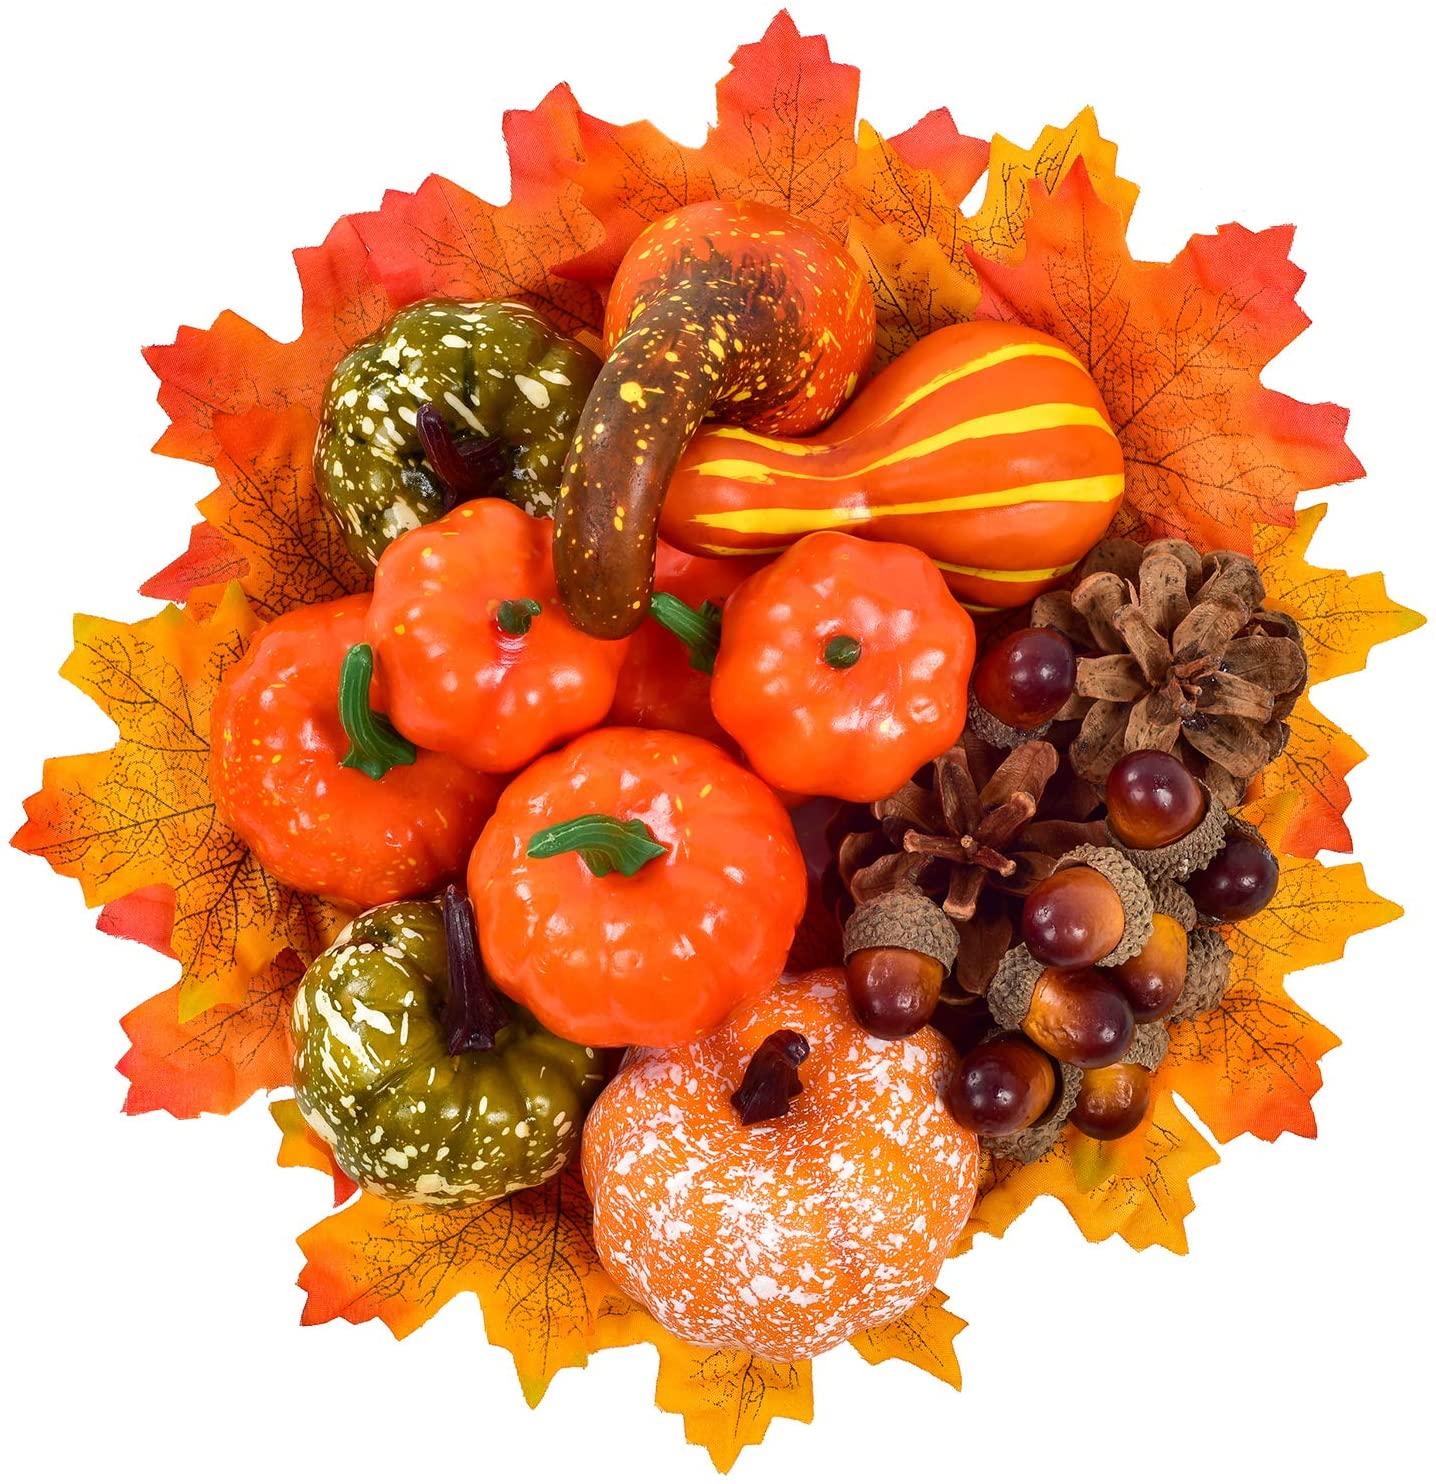 Set decorazione d'autunno per la casa con zucche, foglie e castagne